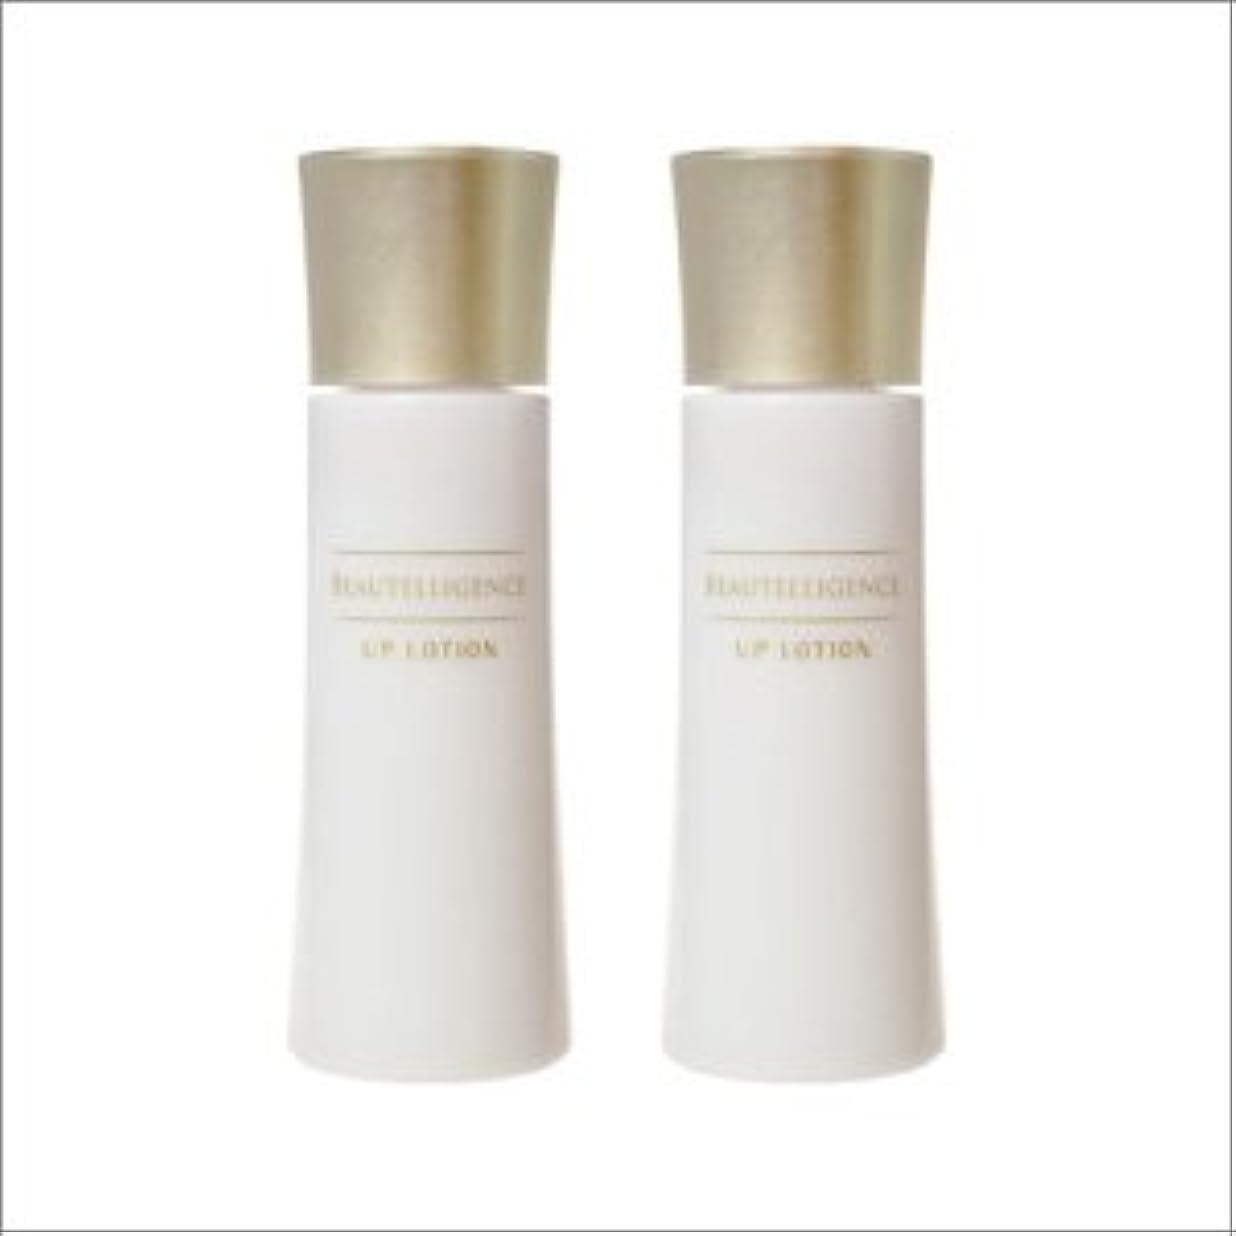 ダイヤモンドローズ先祖2本セット アップローション ひきしめ 化粧水 美容液 ハリ NEWA オシリフト グリシルグリシンエイジングケア